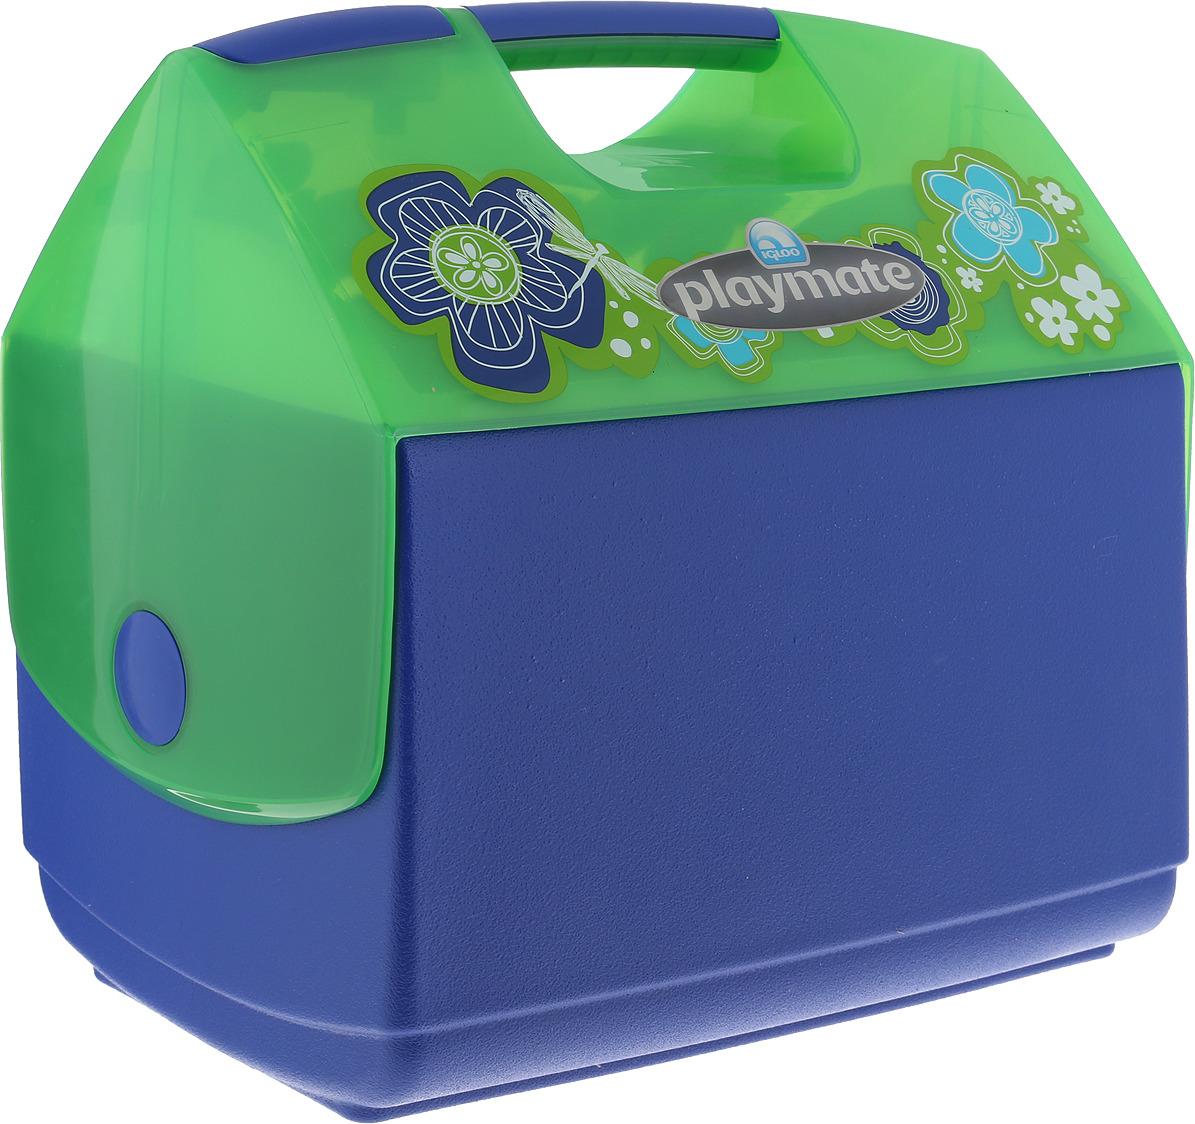 Контейнер изотермический пластиковый Igloo Playmate Elite Ultra, 43239, зеленый